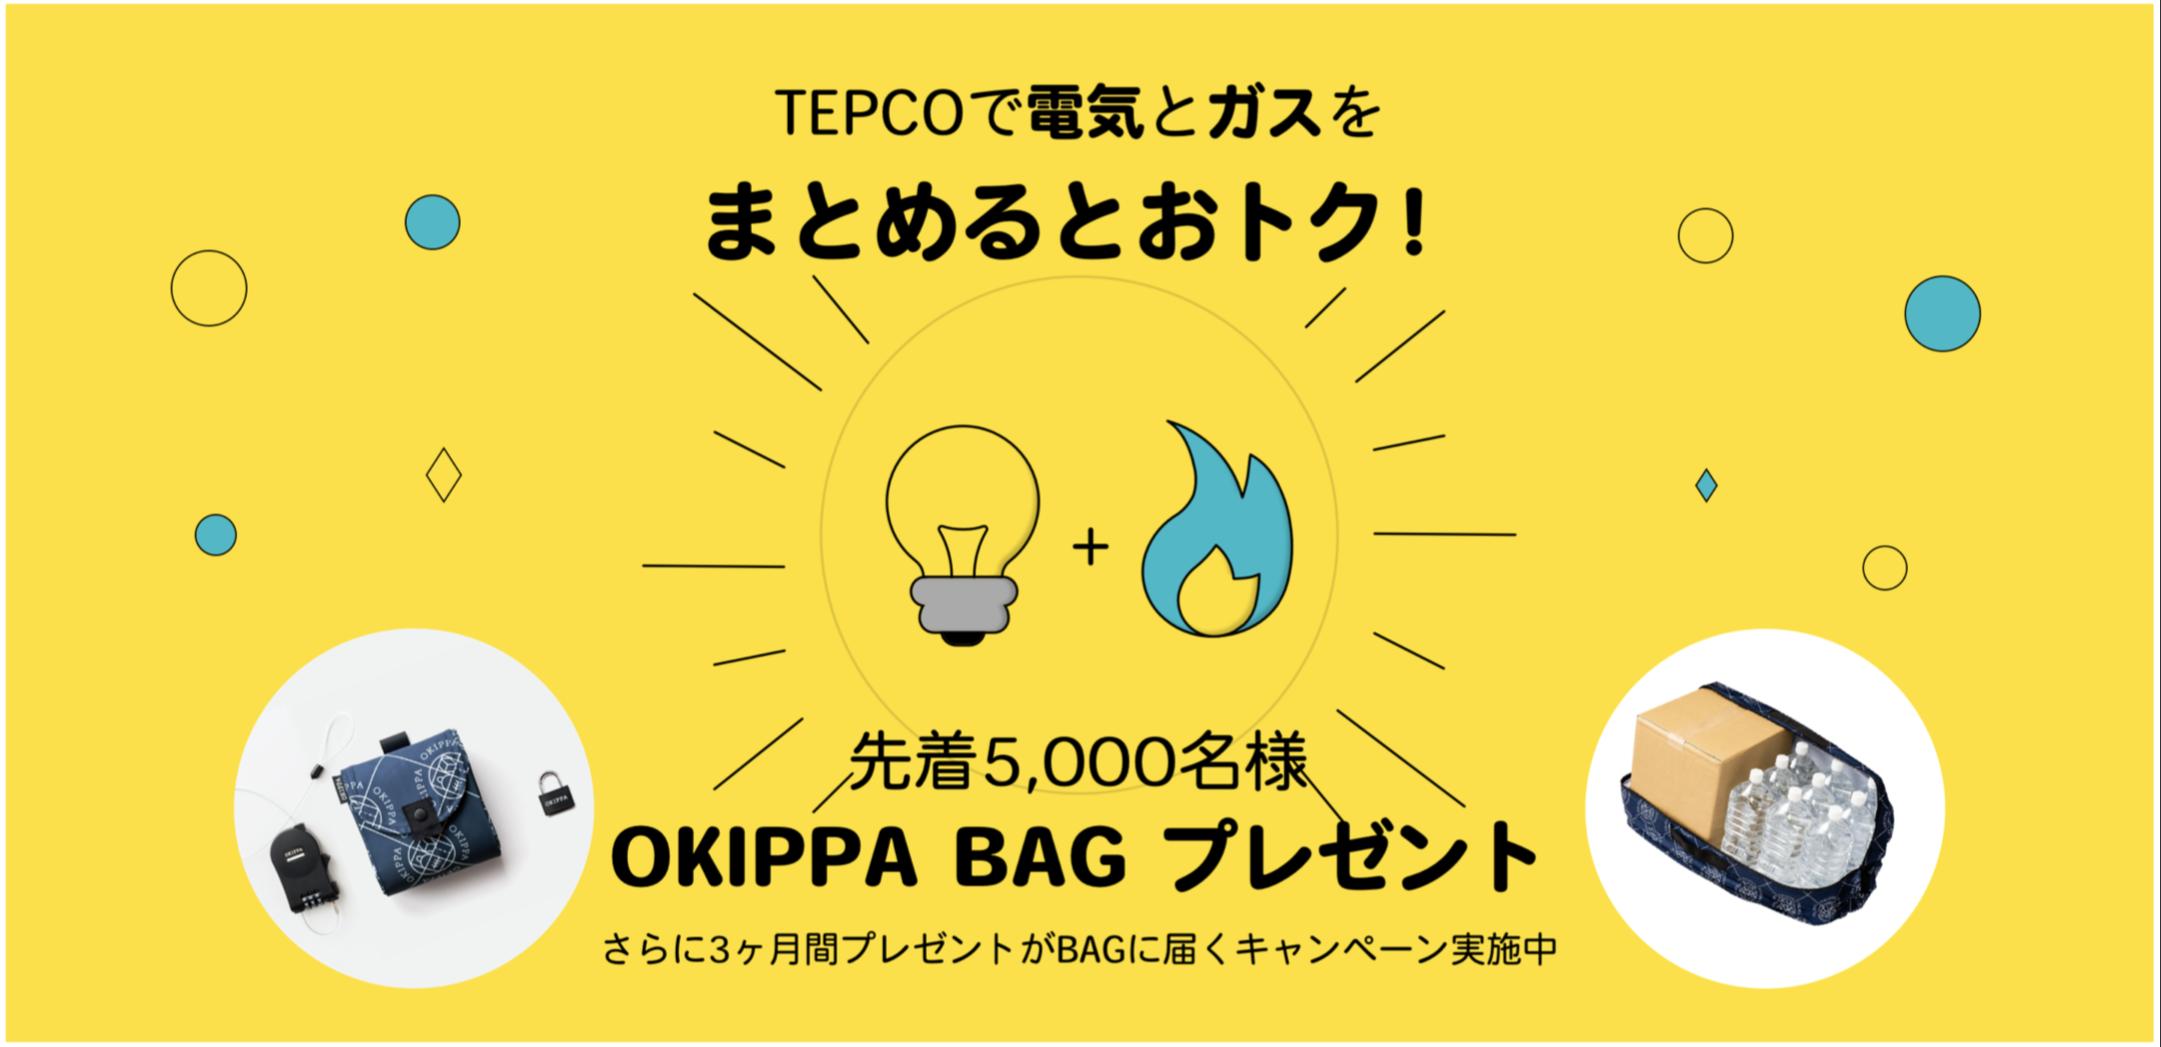 コード tepco キャンペーン